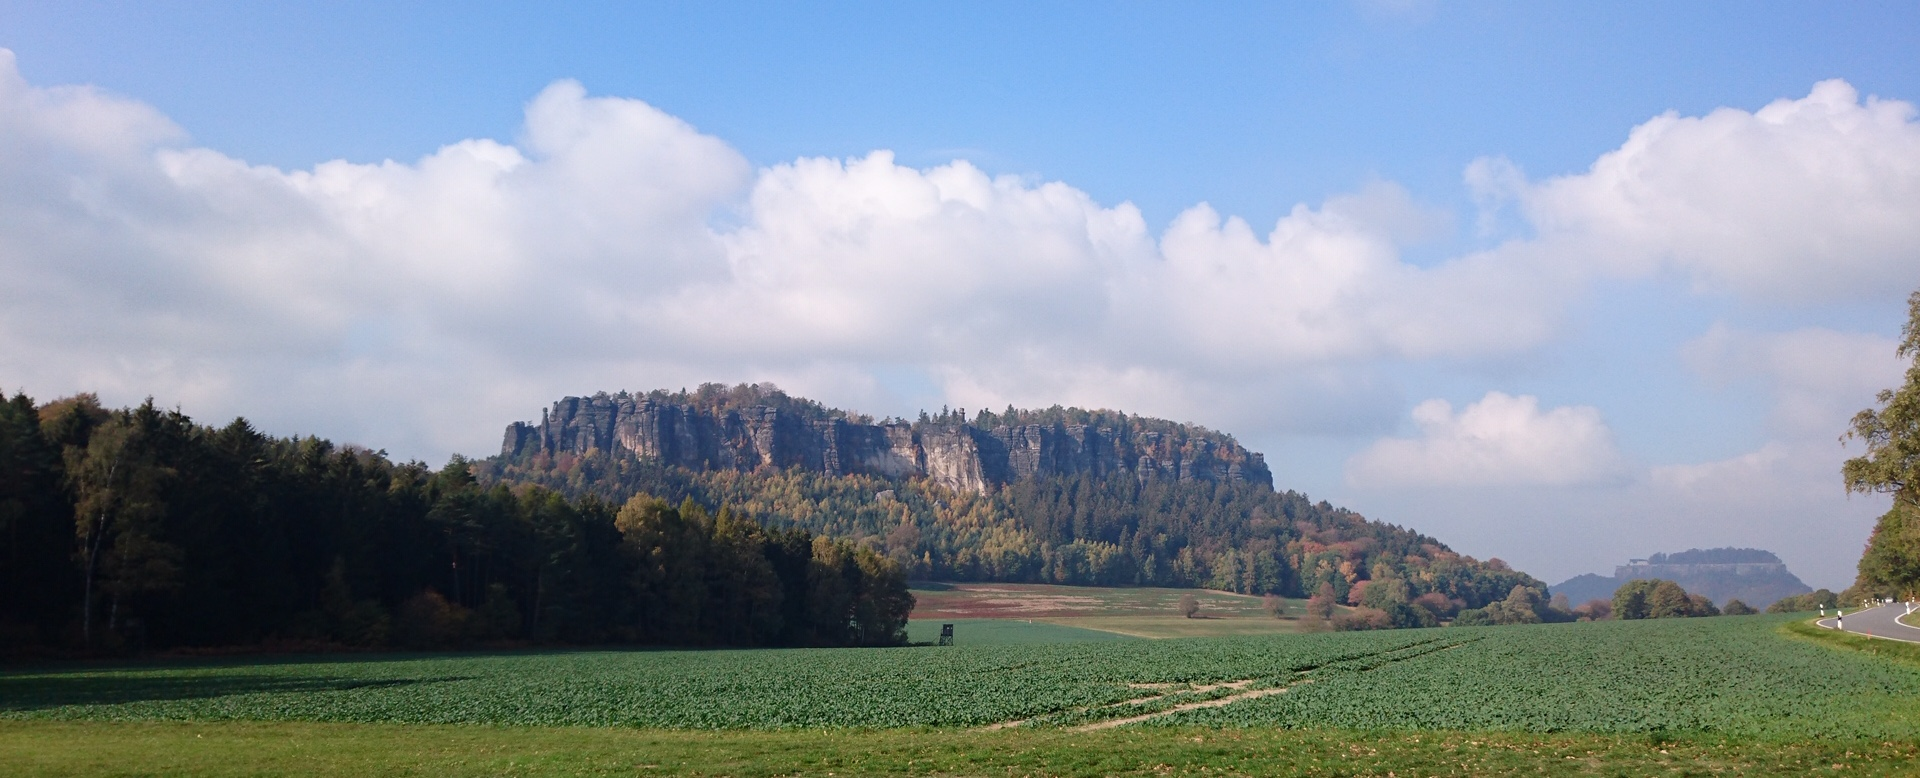 Ein sächsischer Elbsandsteininselberg